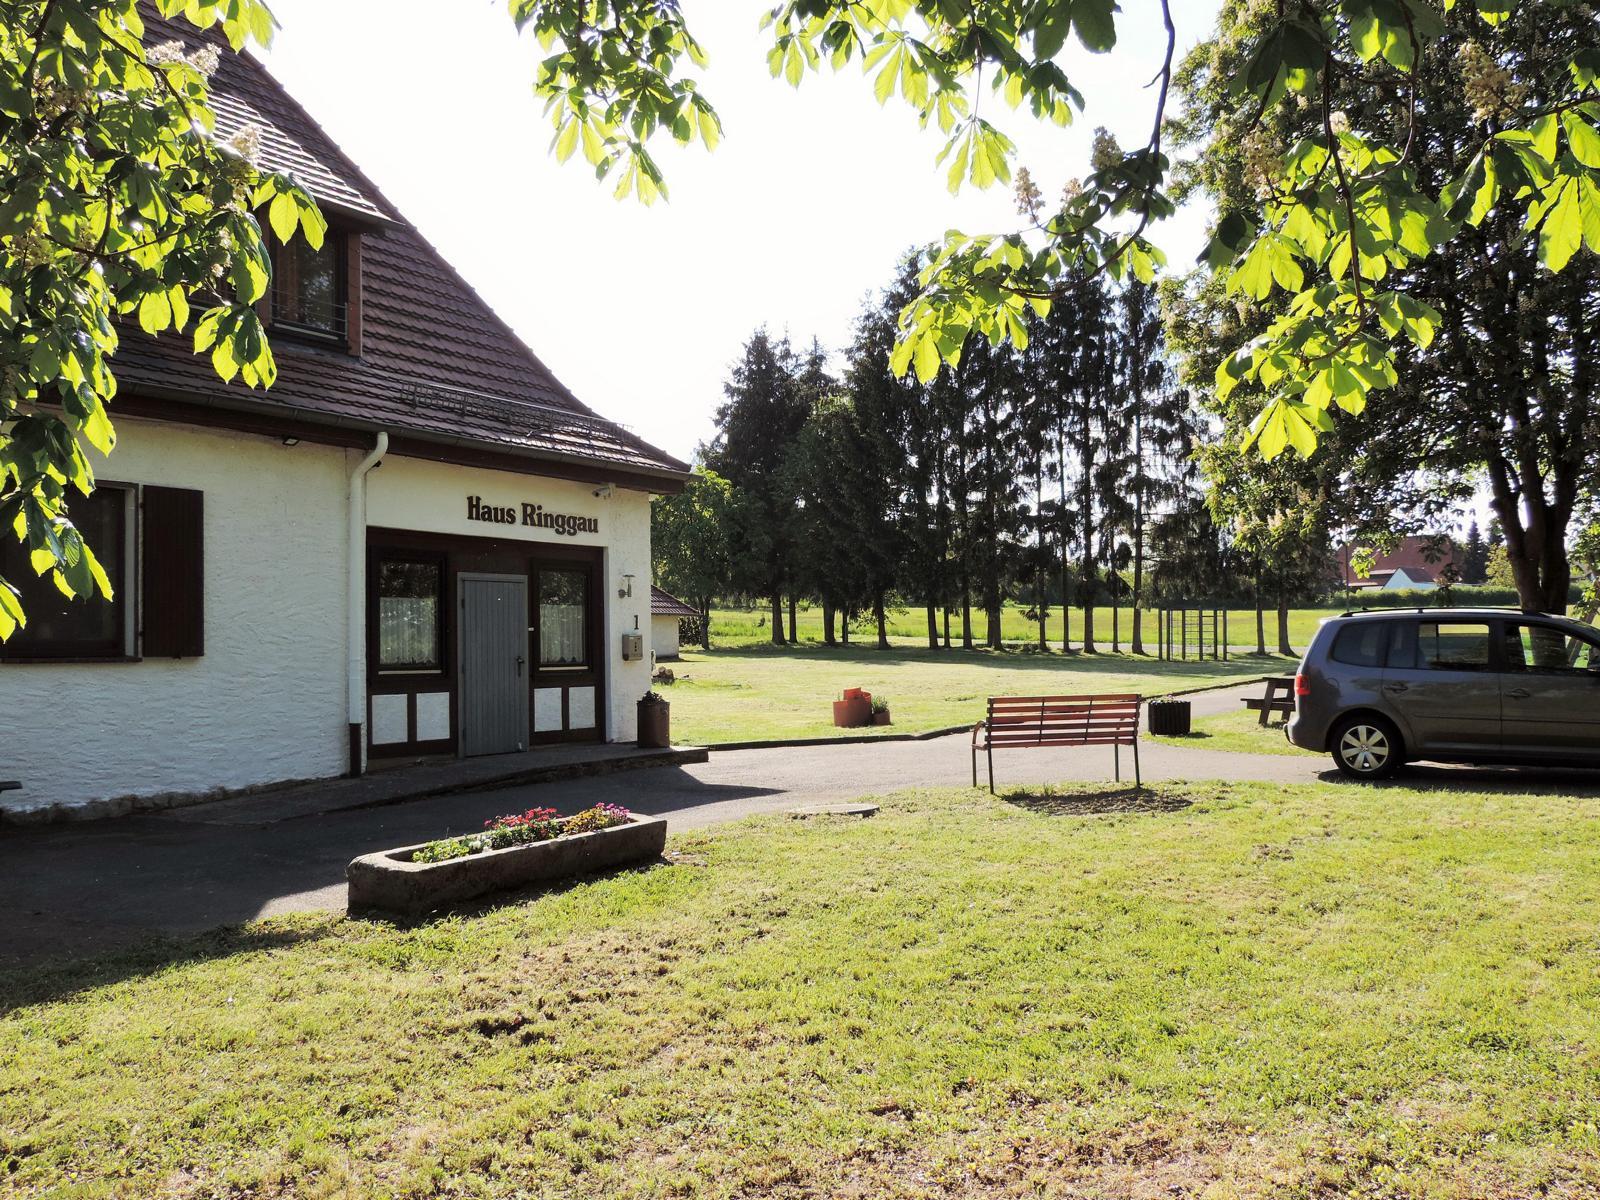 Haus Ringgau - Blick auf das Grundstück Richtung Westen